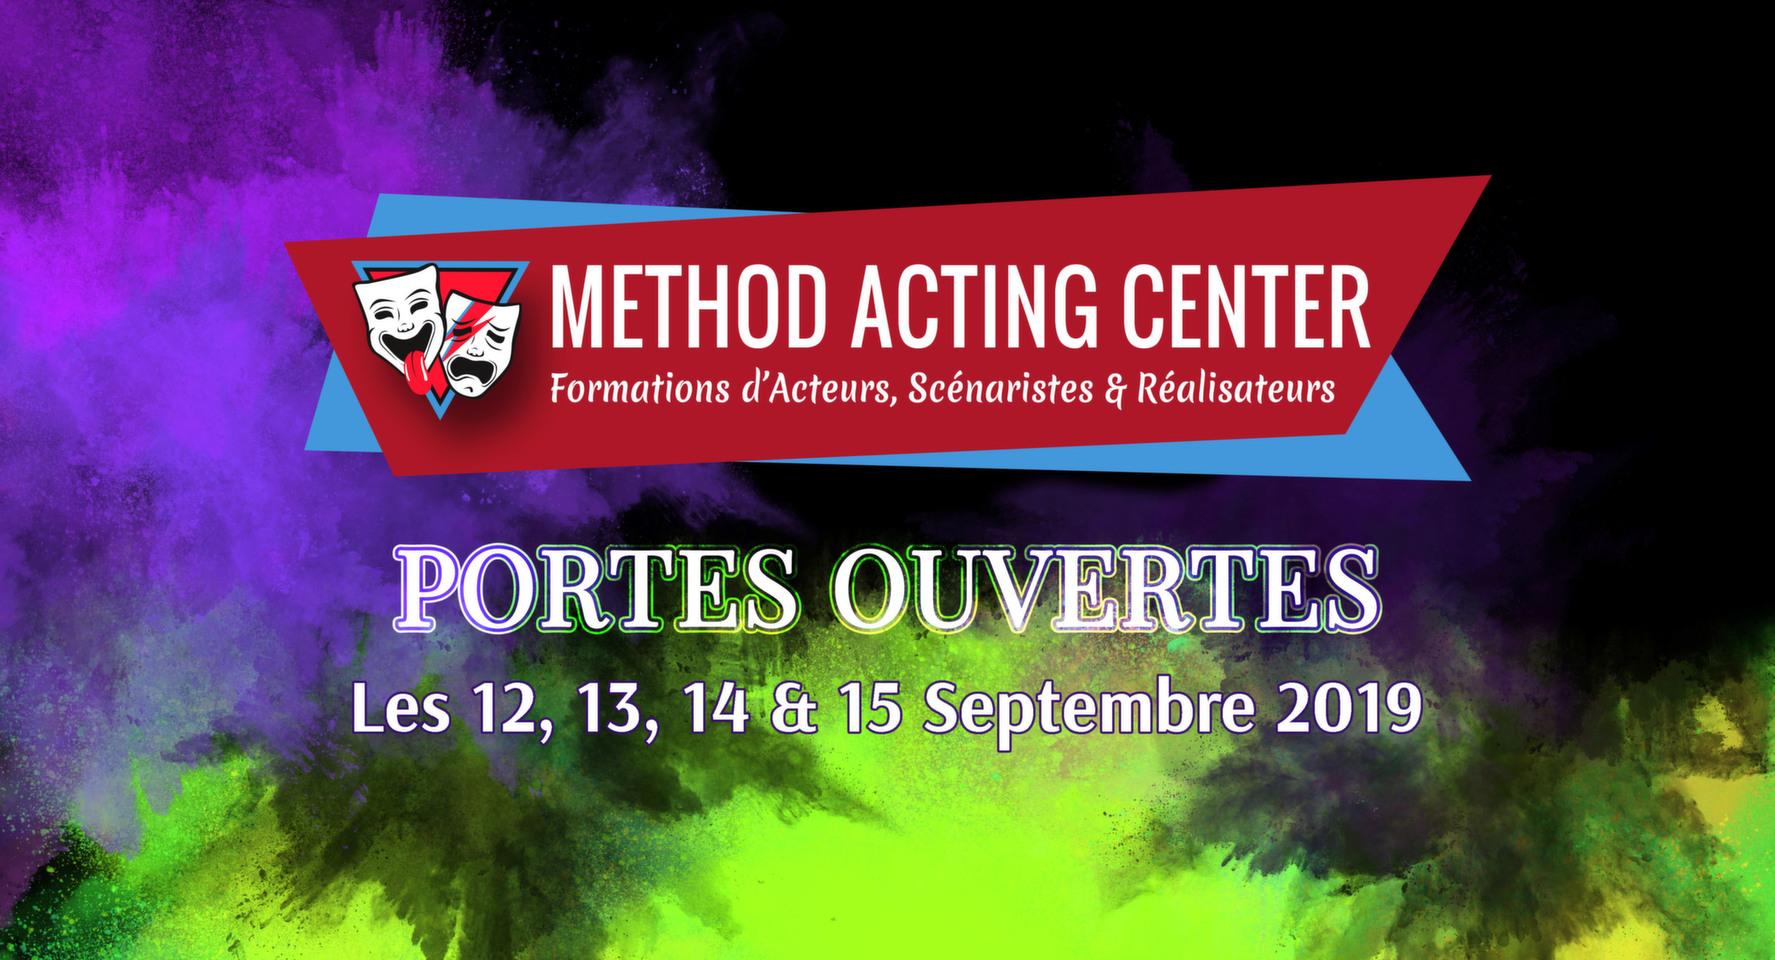 Portes Ouvertes Septembre 2019 - Method Acting Center<br /><br />Method Acting Center, formations d'Acteurs, Scénaristes & Réalisateurs pour le Cinéma & le Théâtre,<br />vous propose de participer à ses Portes Ouvertes, durant lesquelles vous pourrez tester gratuitement l'ensemble de ses ateliers pour l'année 2019/2020 :<br /><br />LES 12, 13, 14 & 15 SEPTEMBRE 2019<br />de 10h30 à 21h30,<br />au 93 avenue d'Italie, Paris 13e<br /><br />FORMATIONS 2019/2020 : <br />ACTORS STUDIO / ACTING in ENGLISH / SCÉNARIO & RÉALISATION /<br />ACTING on CAMERA / IMPROVISATION / YOGA / CHANT / DANSE /<br />COMÉDIE MUSICALE / COURS D'ANGLAIS / ACTING pour ADOS / <br /><br />Début des cours : Lundi 23 Septembre 2019<br />Pour chacune de ces formations, vous aurez la possibilité de tester gratuitement 1 ou plusieurs cours.<br /><br />NOTRE ENGAGEMENT QUALITÉ : <br />- Une approche bienveillante et pragmatique de la méthode<br />- Des cours non surchargés, la possibilité de passer très régulièrement vos scènes<br />- Des coaches en activité dans le milieu du cinéma et du spectacle<br />- Un suivi personnalisé et adapté à chaque profil d'acteur<br />- Une ambiance générale qui favorise l'entraide et non la compétition<br />- Une souplesse quand à vos obligations professionnelles<br />- Une équipe pédagogique à votre écoute pour vos doutes & questions<br />- Des salles adaptées à chaque type d'atelier<br />- La possibilité de répéter gratuitement vos scènes dans nos locaux<br /><br />INFO & RÉSERVATION : <br />- L'accès à tous les cours d'essais est libre et gratuit, seule compte votre motivation !<br />- Pour tous les cours d'essais, merci de penser à réserver en ligne :<br />https://www.methodacting.fr/portes-ouvertes/<br /><br />CONTACT : <br />06 07 41 41 25<br />contact@methodacting.fr<br />www.methodacting.fr